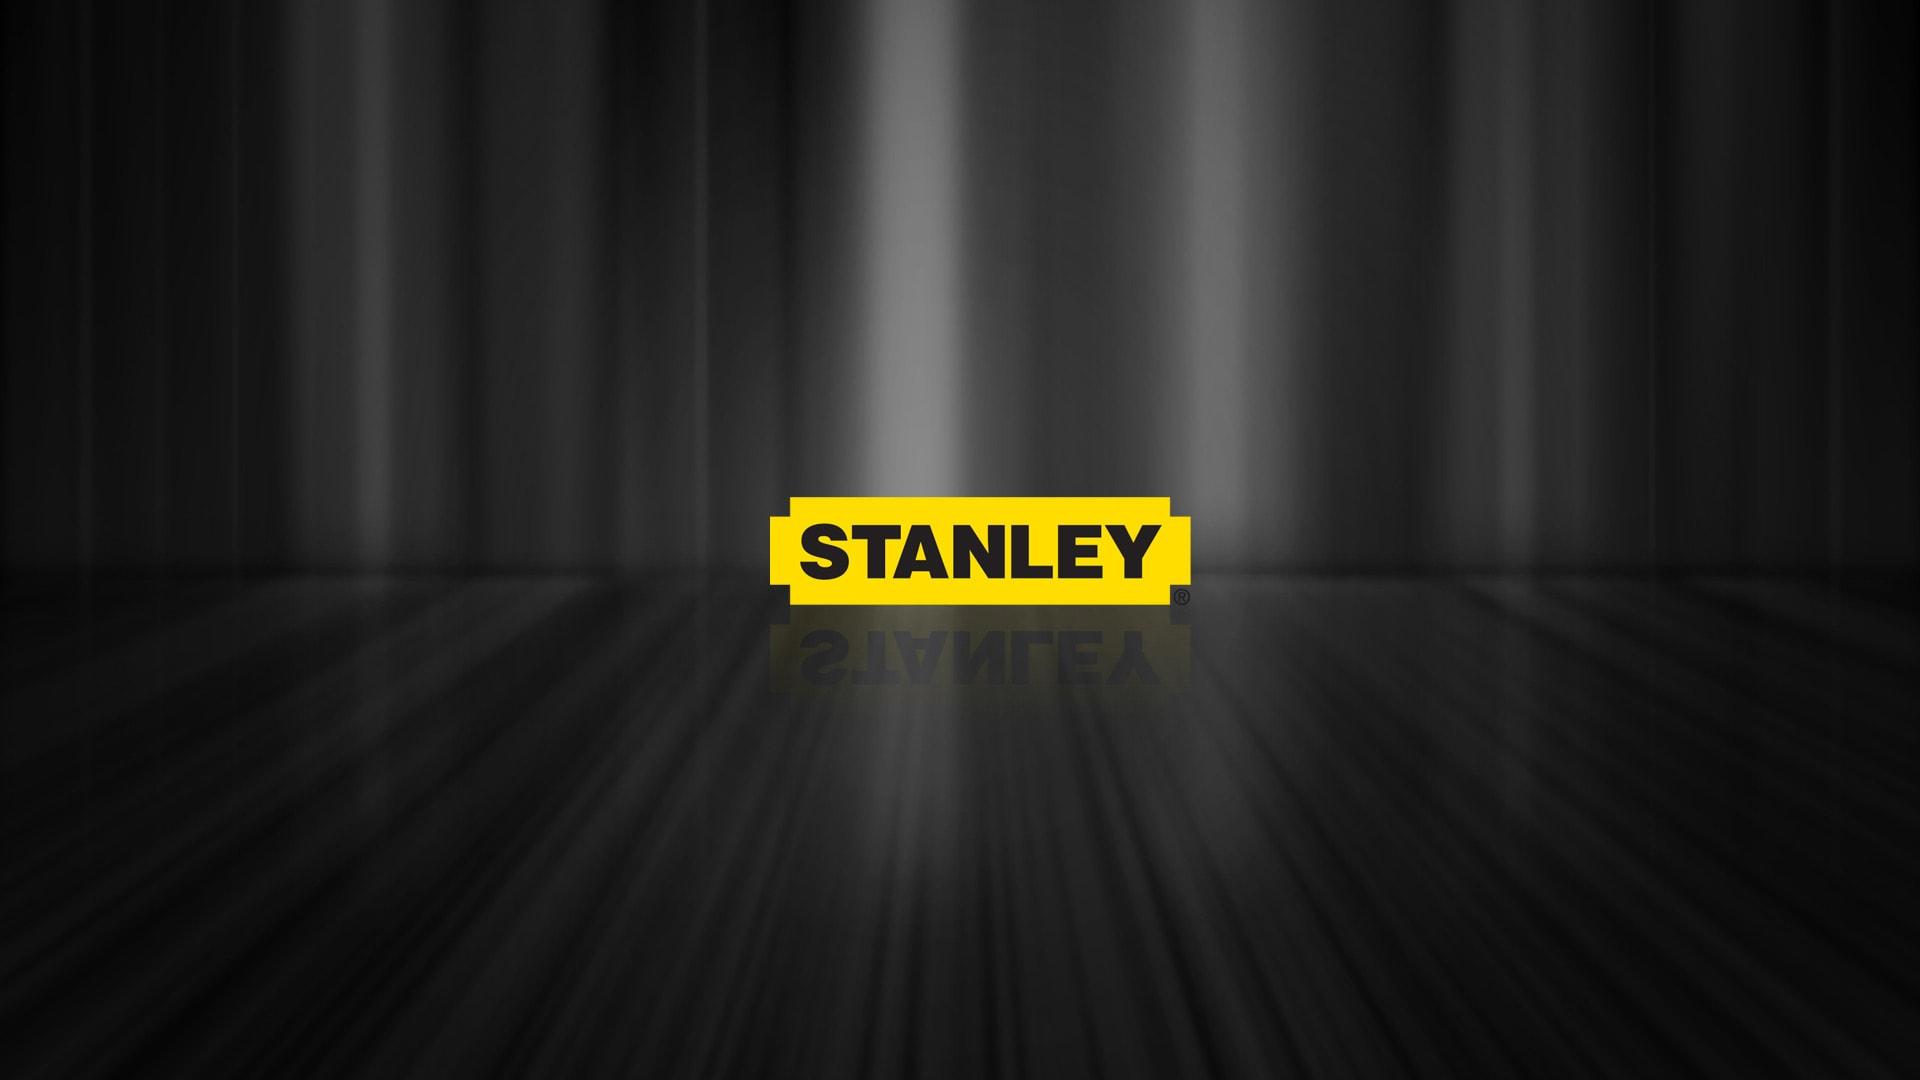 Stanley Manual Victor Ruano Santasombra